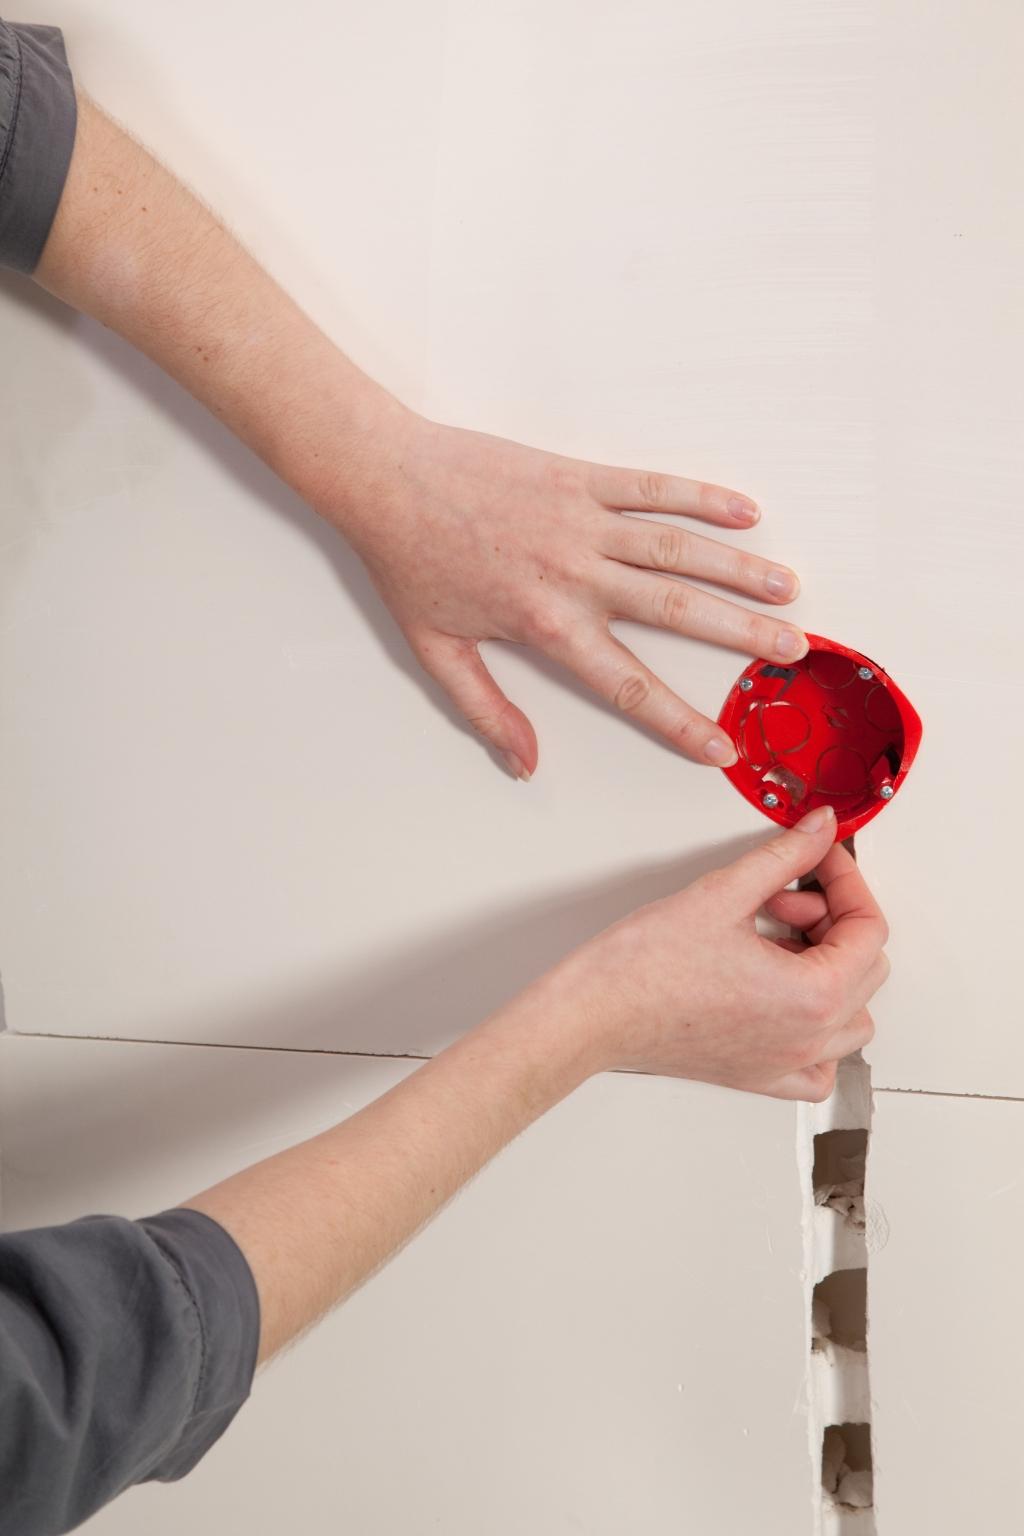 Installer un interrupteur encastré - Étape 8